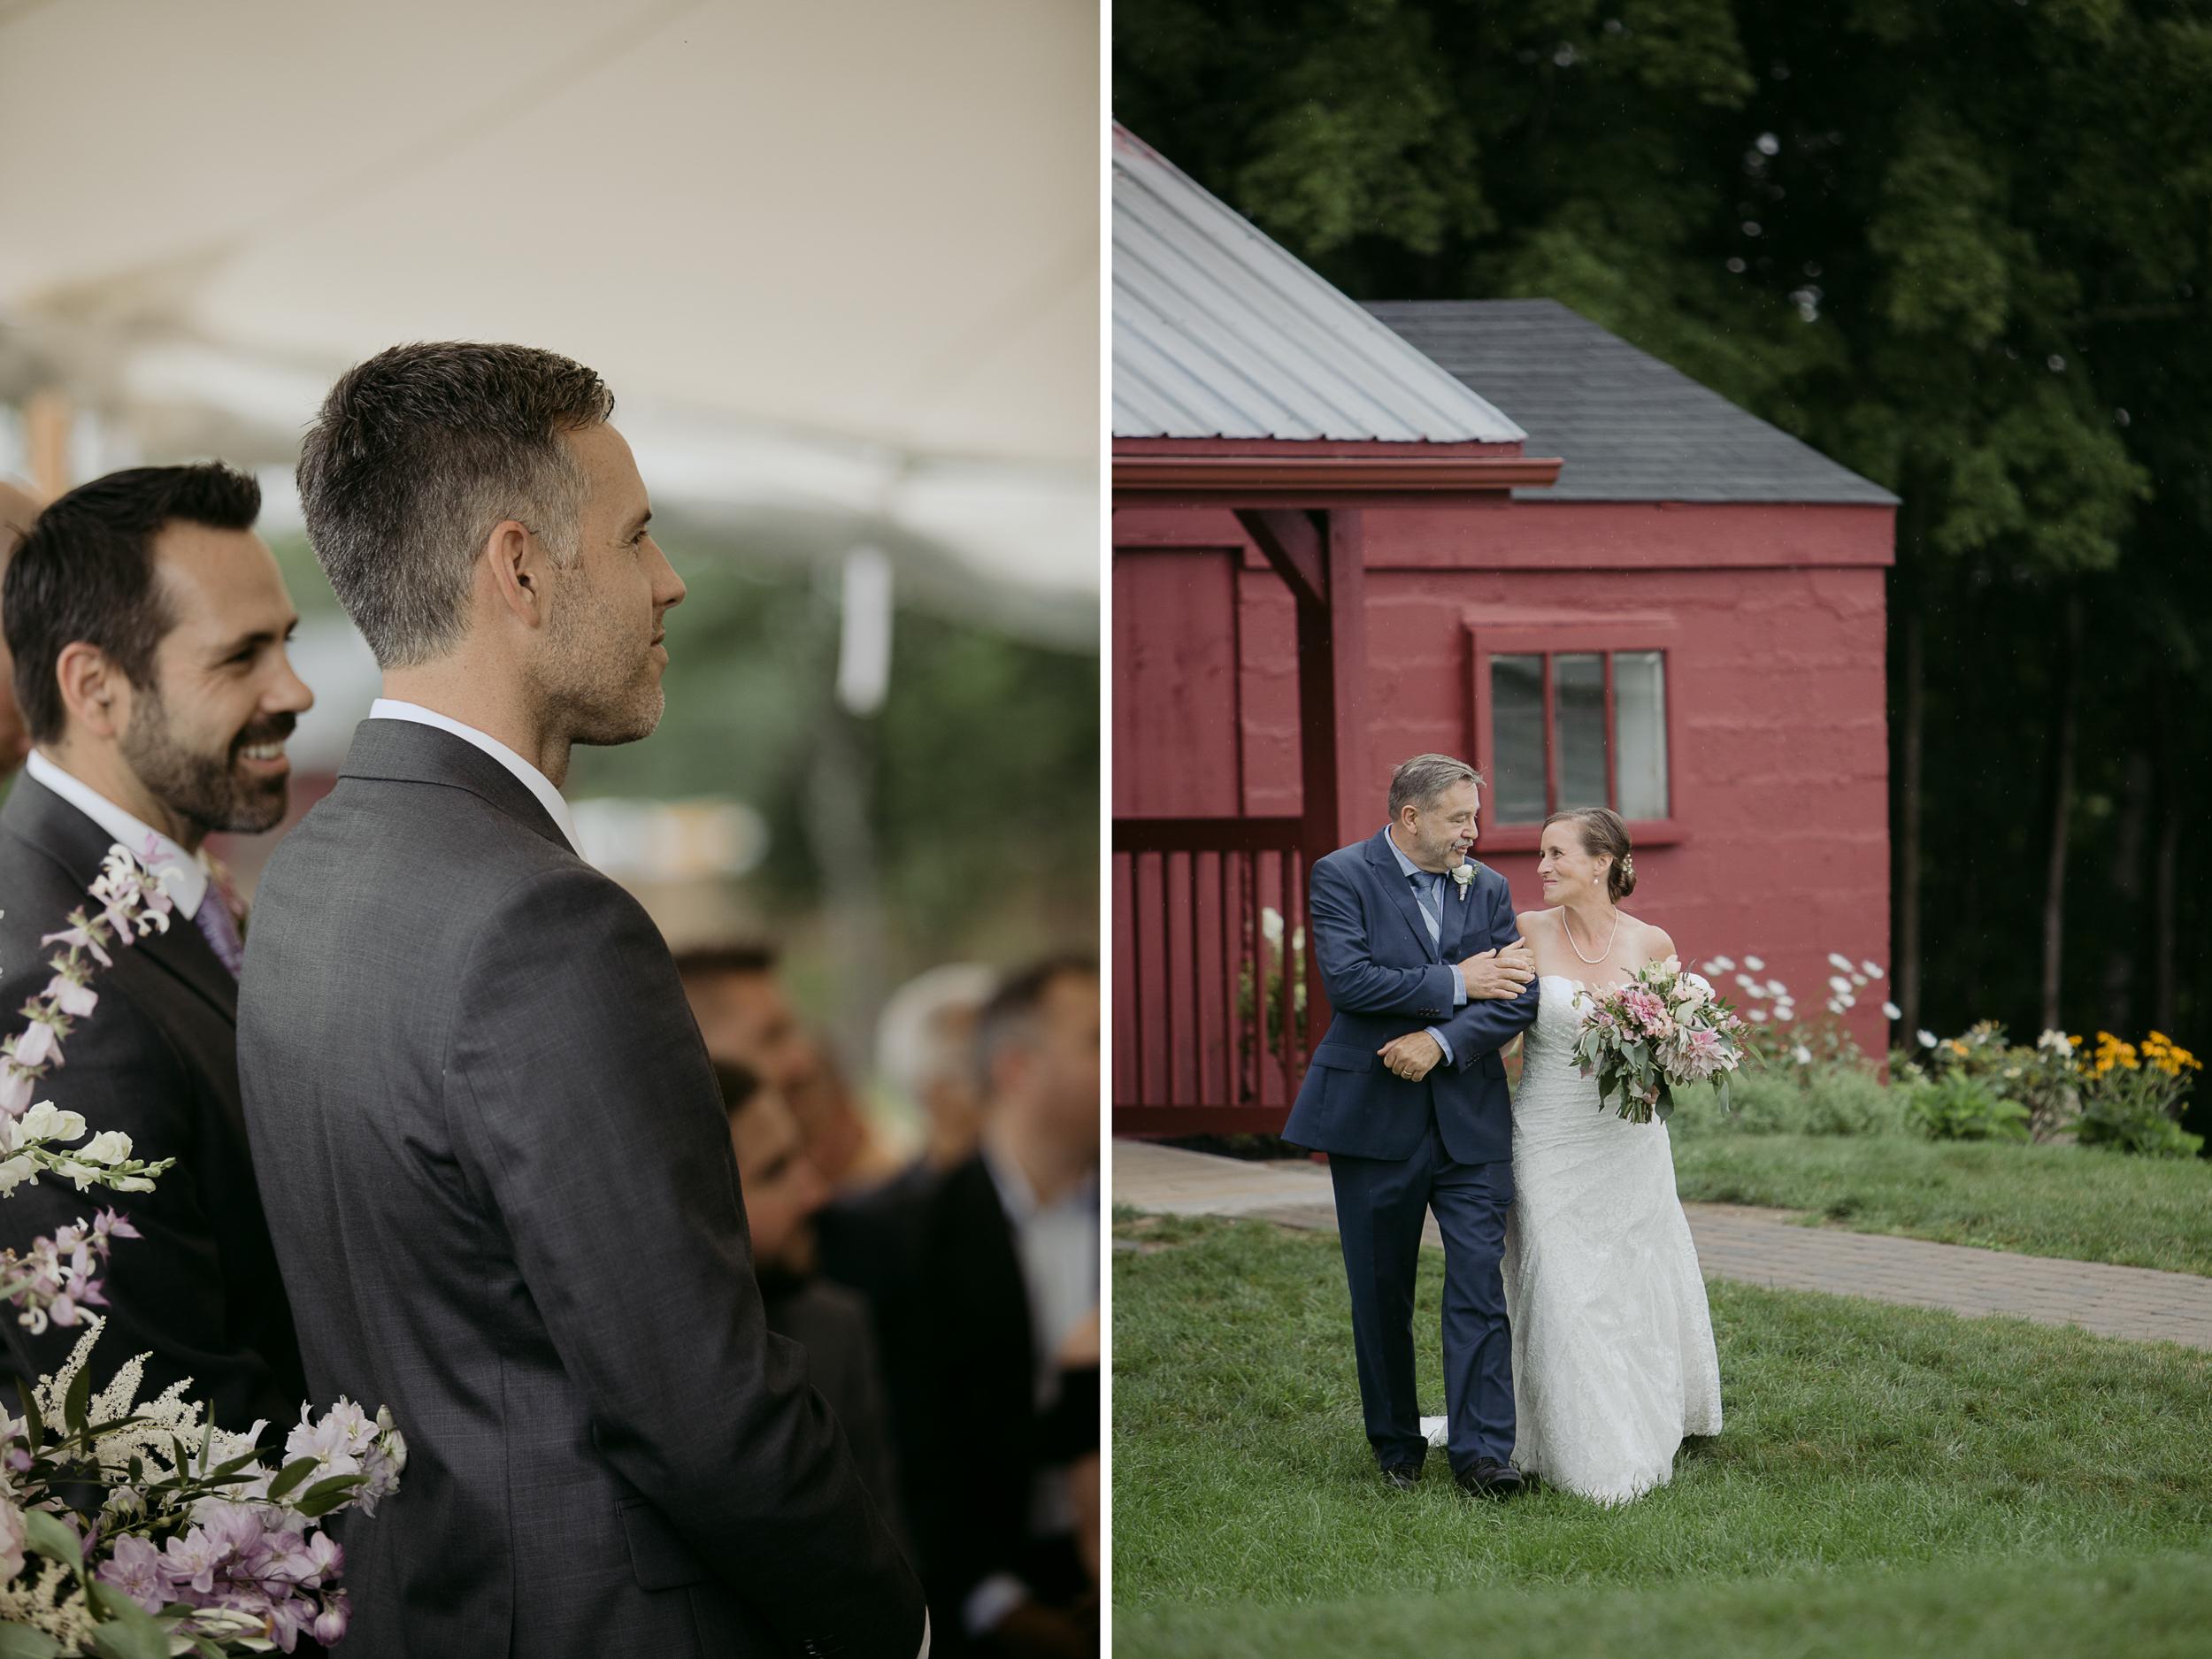 william_allen_farm_pownal_wedding_maine_michelleben-13.jpg